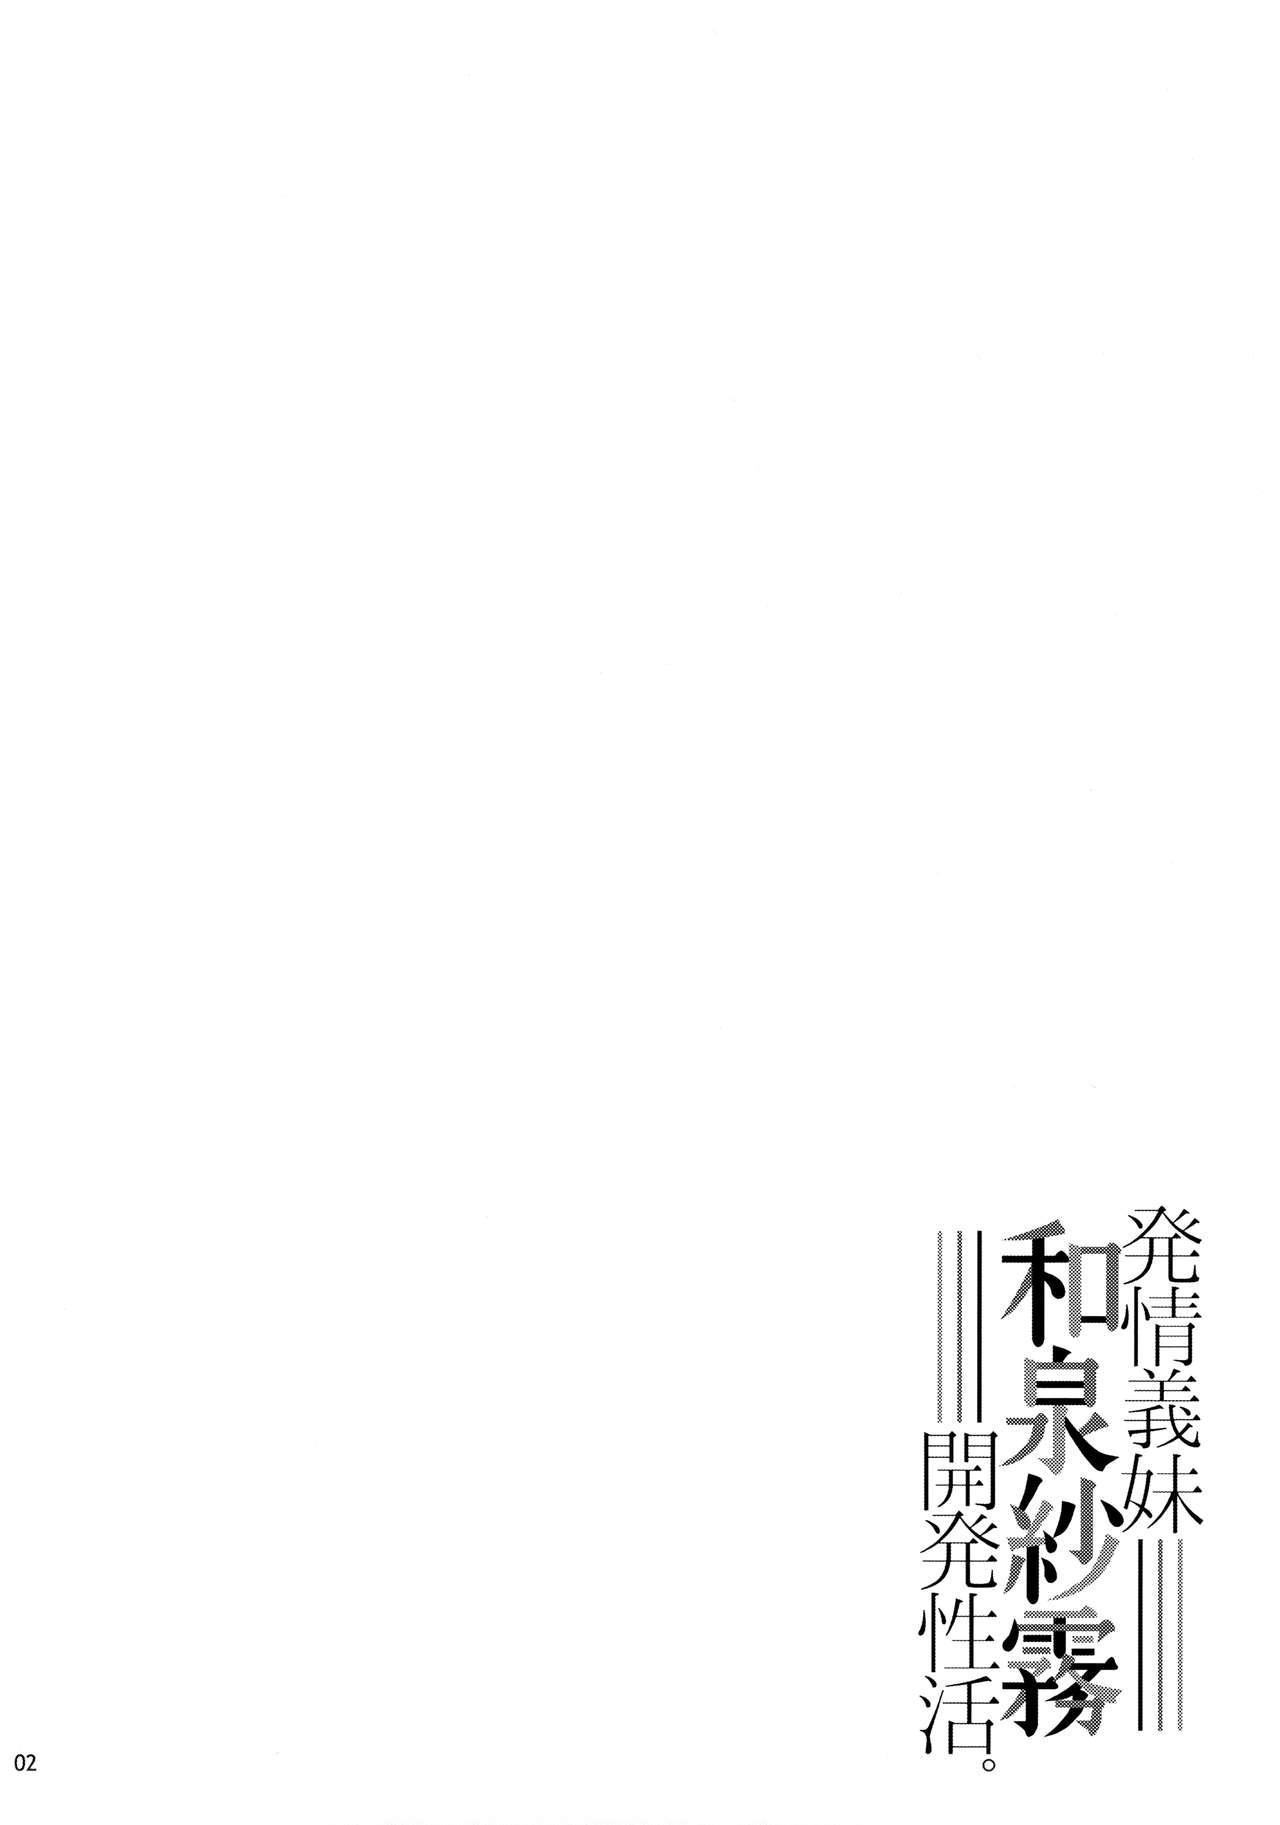 Hatsujou Gimai Izumi Sagiri Kaihatsu Seikatsu. 2